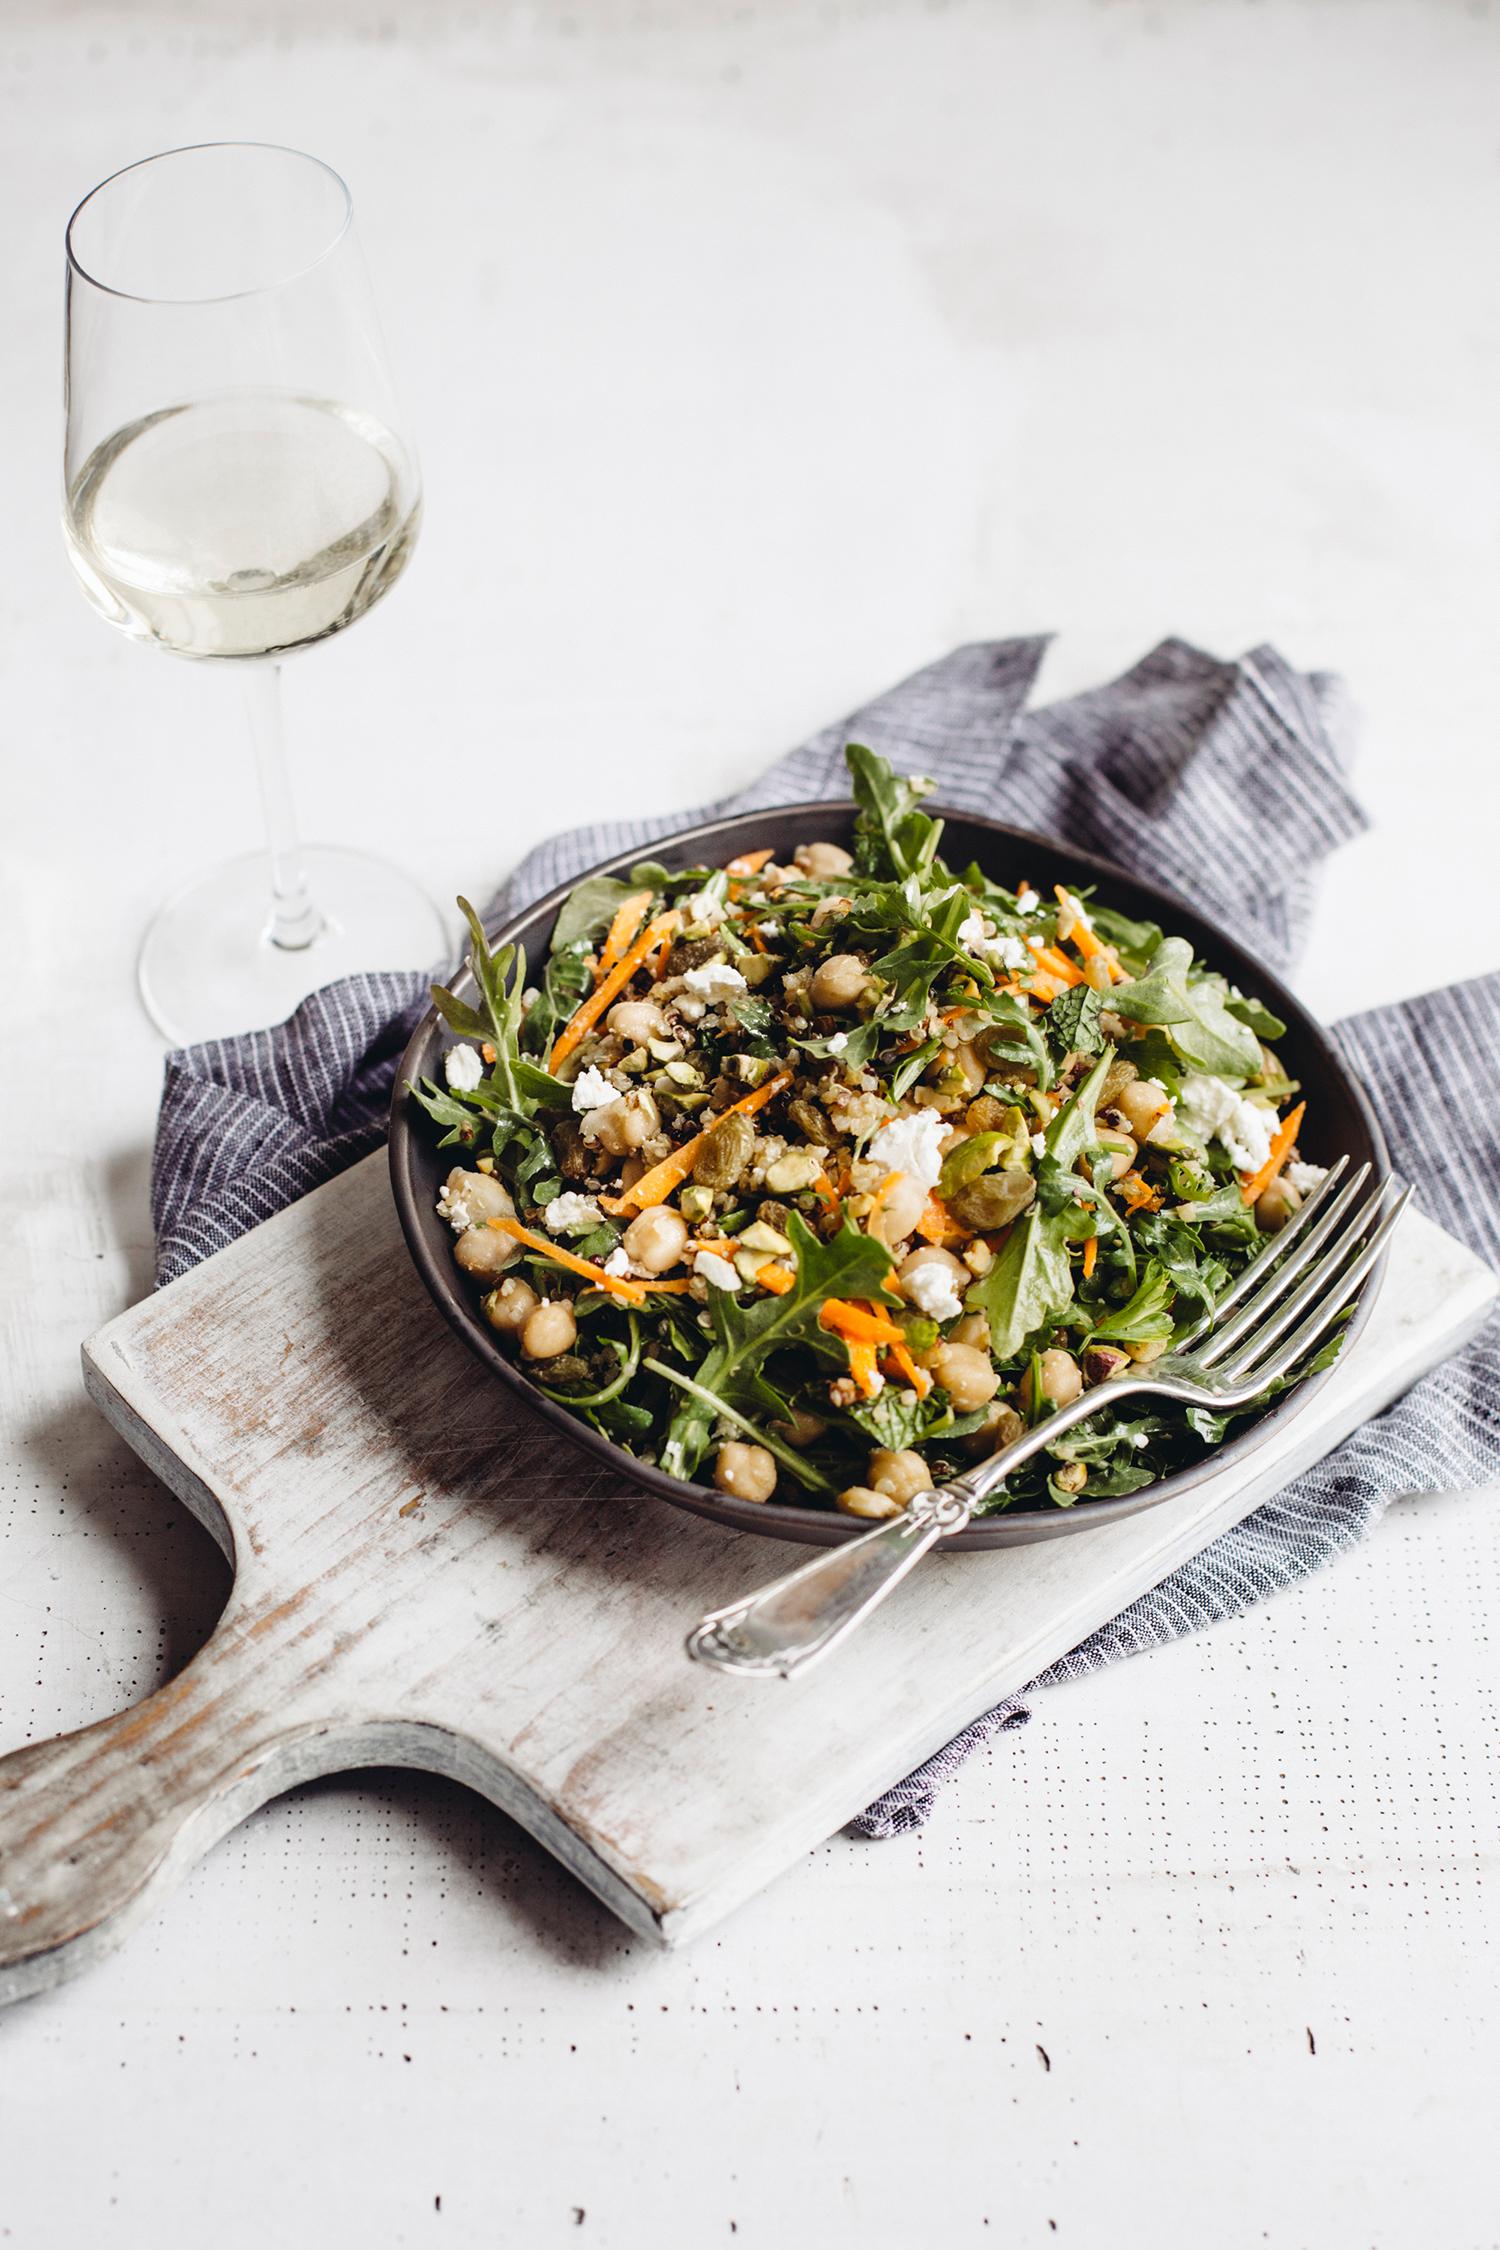 kikkererwts marrokaans salade wijn